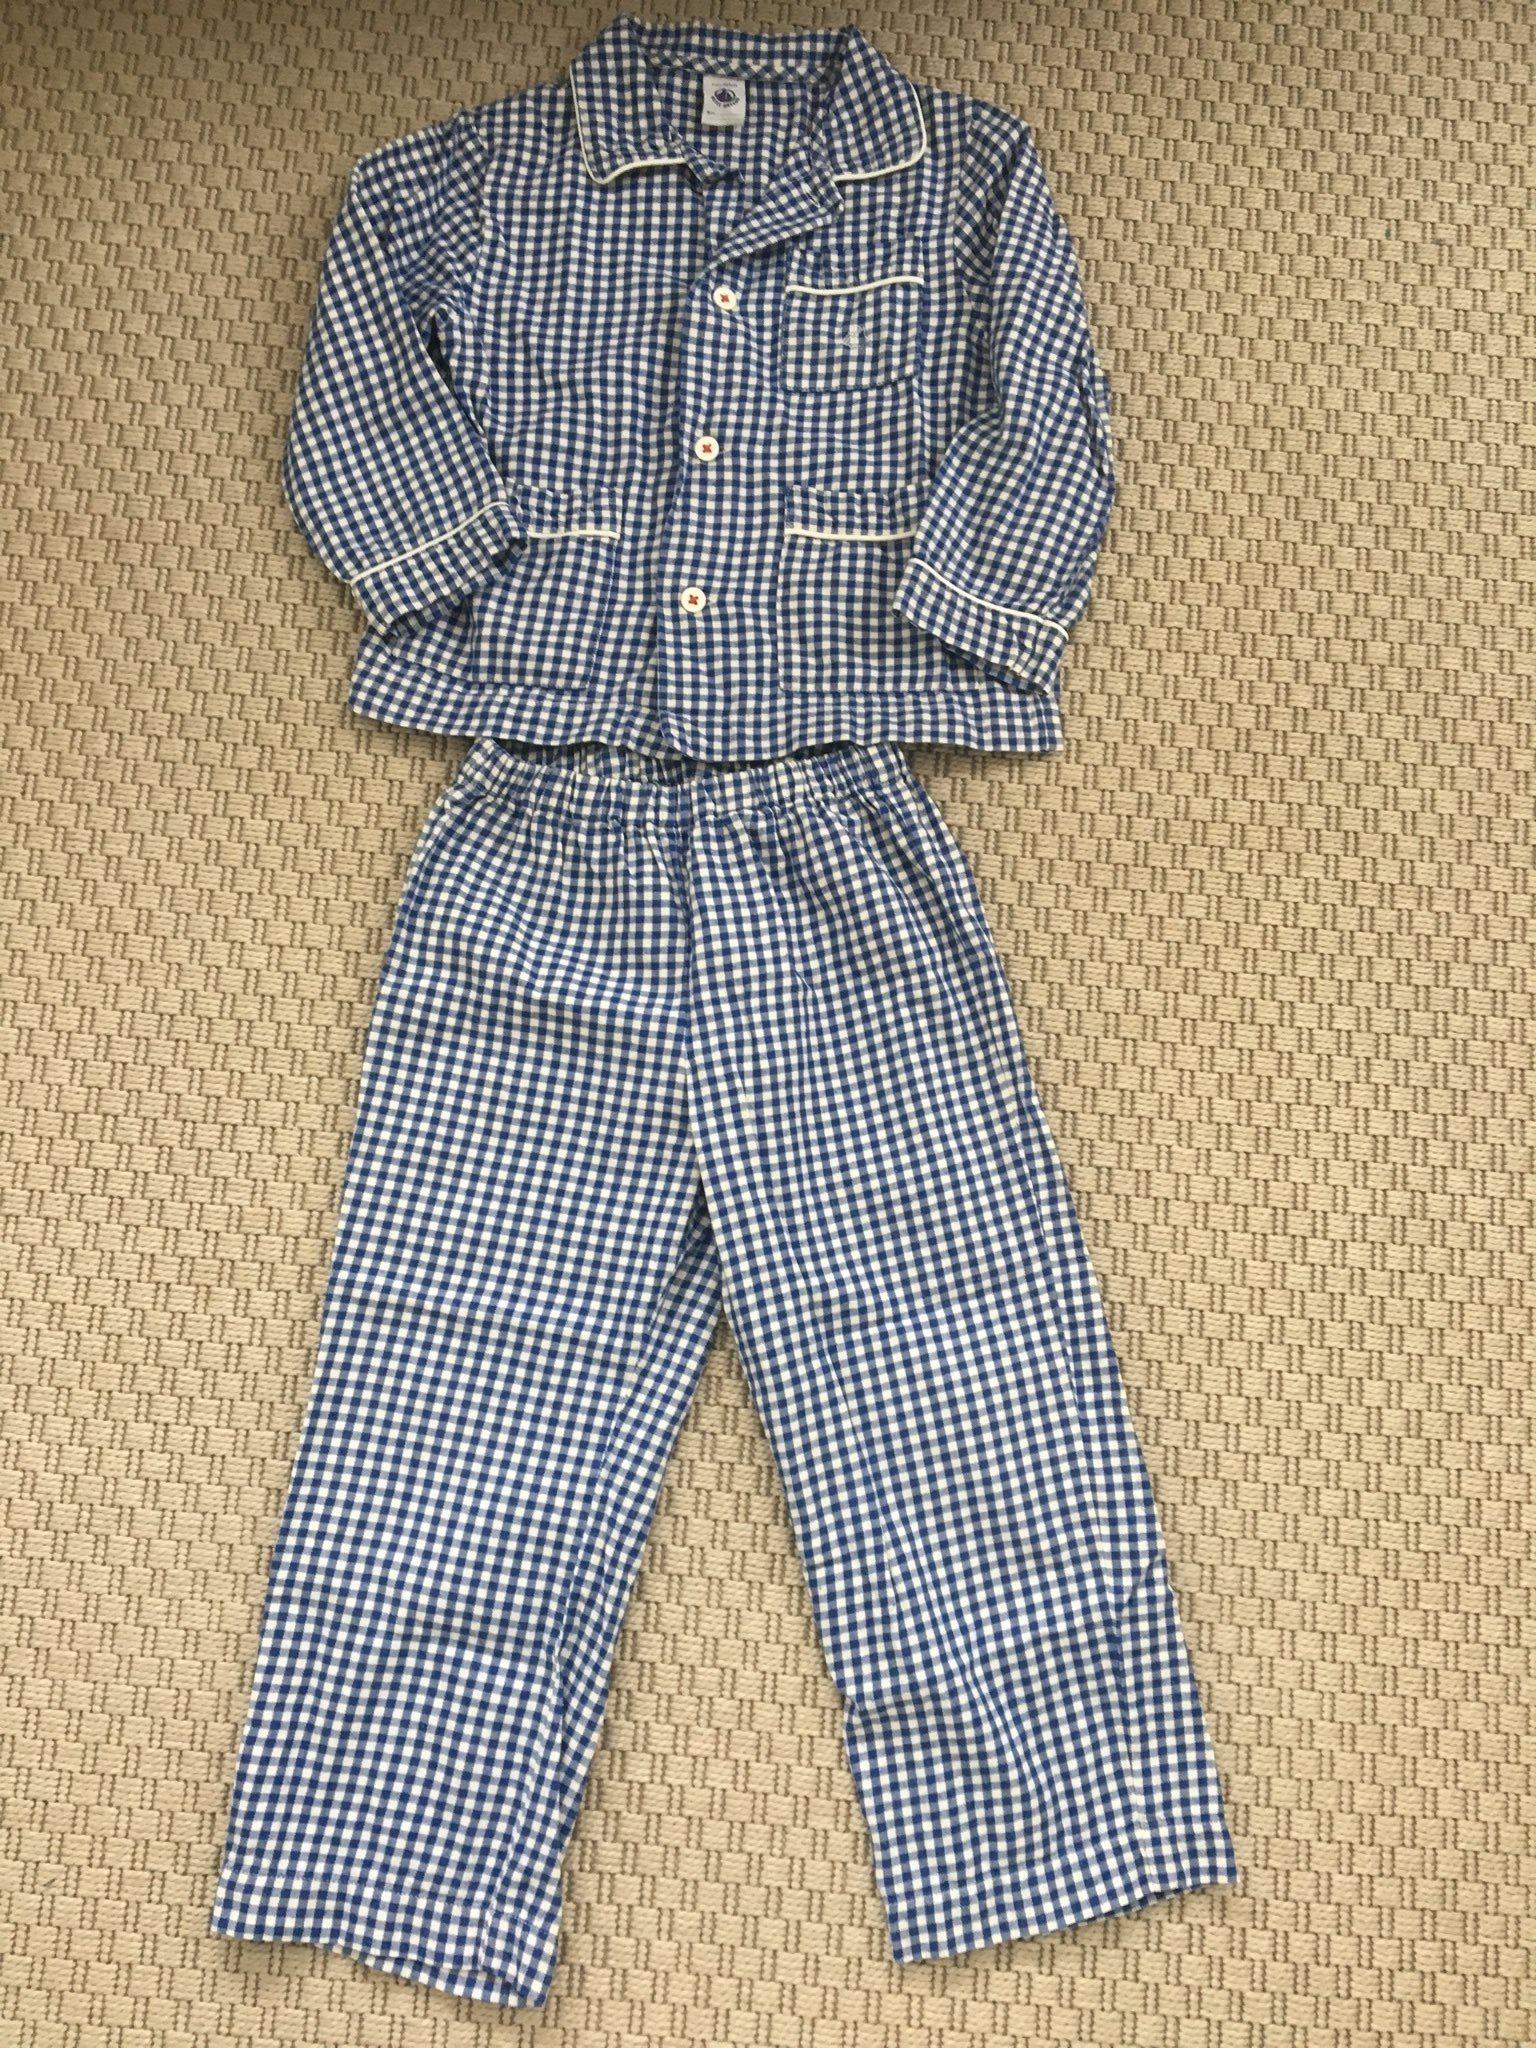 Ljuvlig pyjamas från Petit Bateau strl 102 4år (337627614) ᐈ Köp på ... 36a583a7005c8